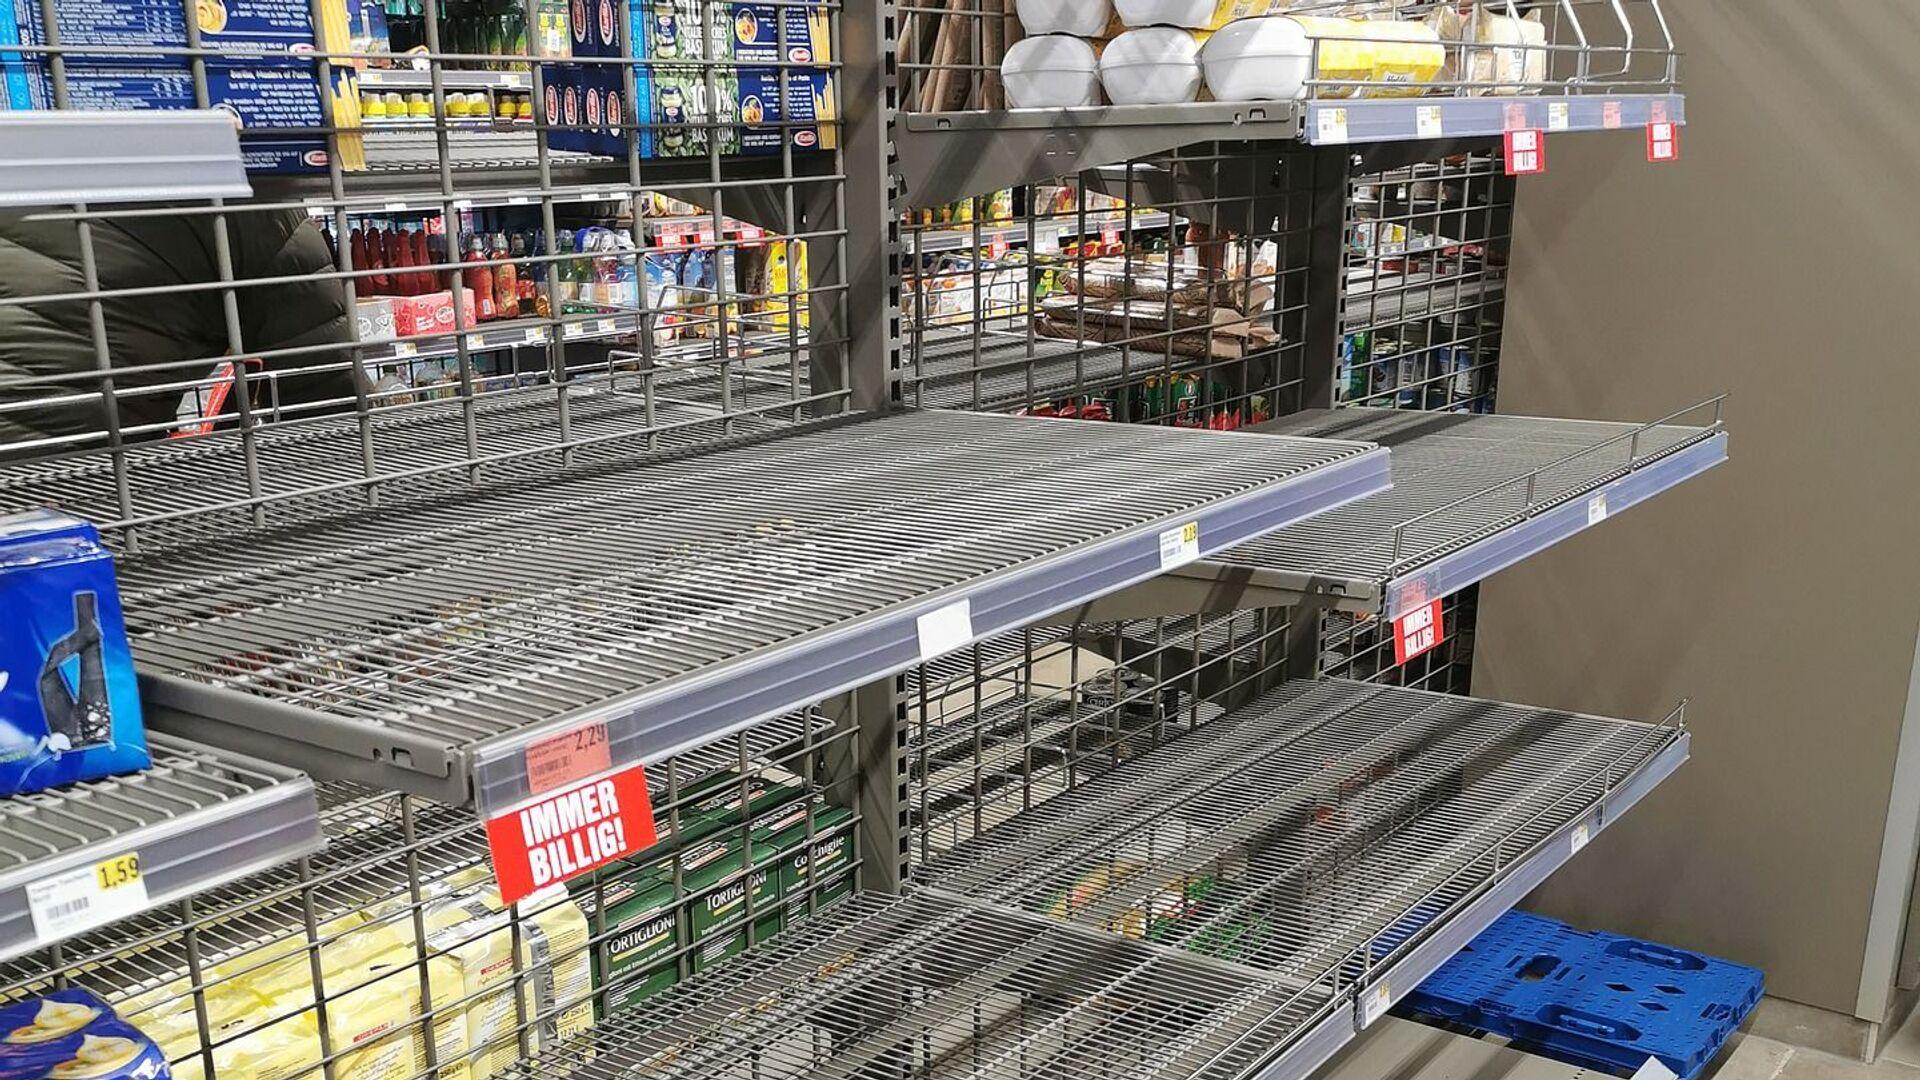 Празни рафови у супермаркету - Sputnik Србија, 1920, 03.08.2021